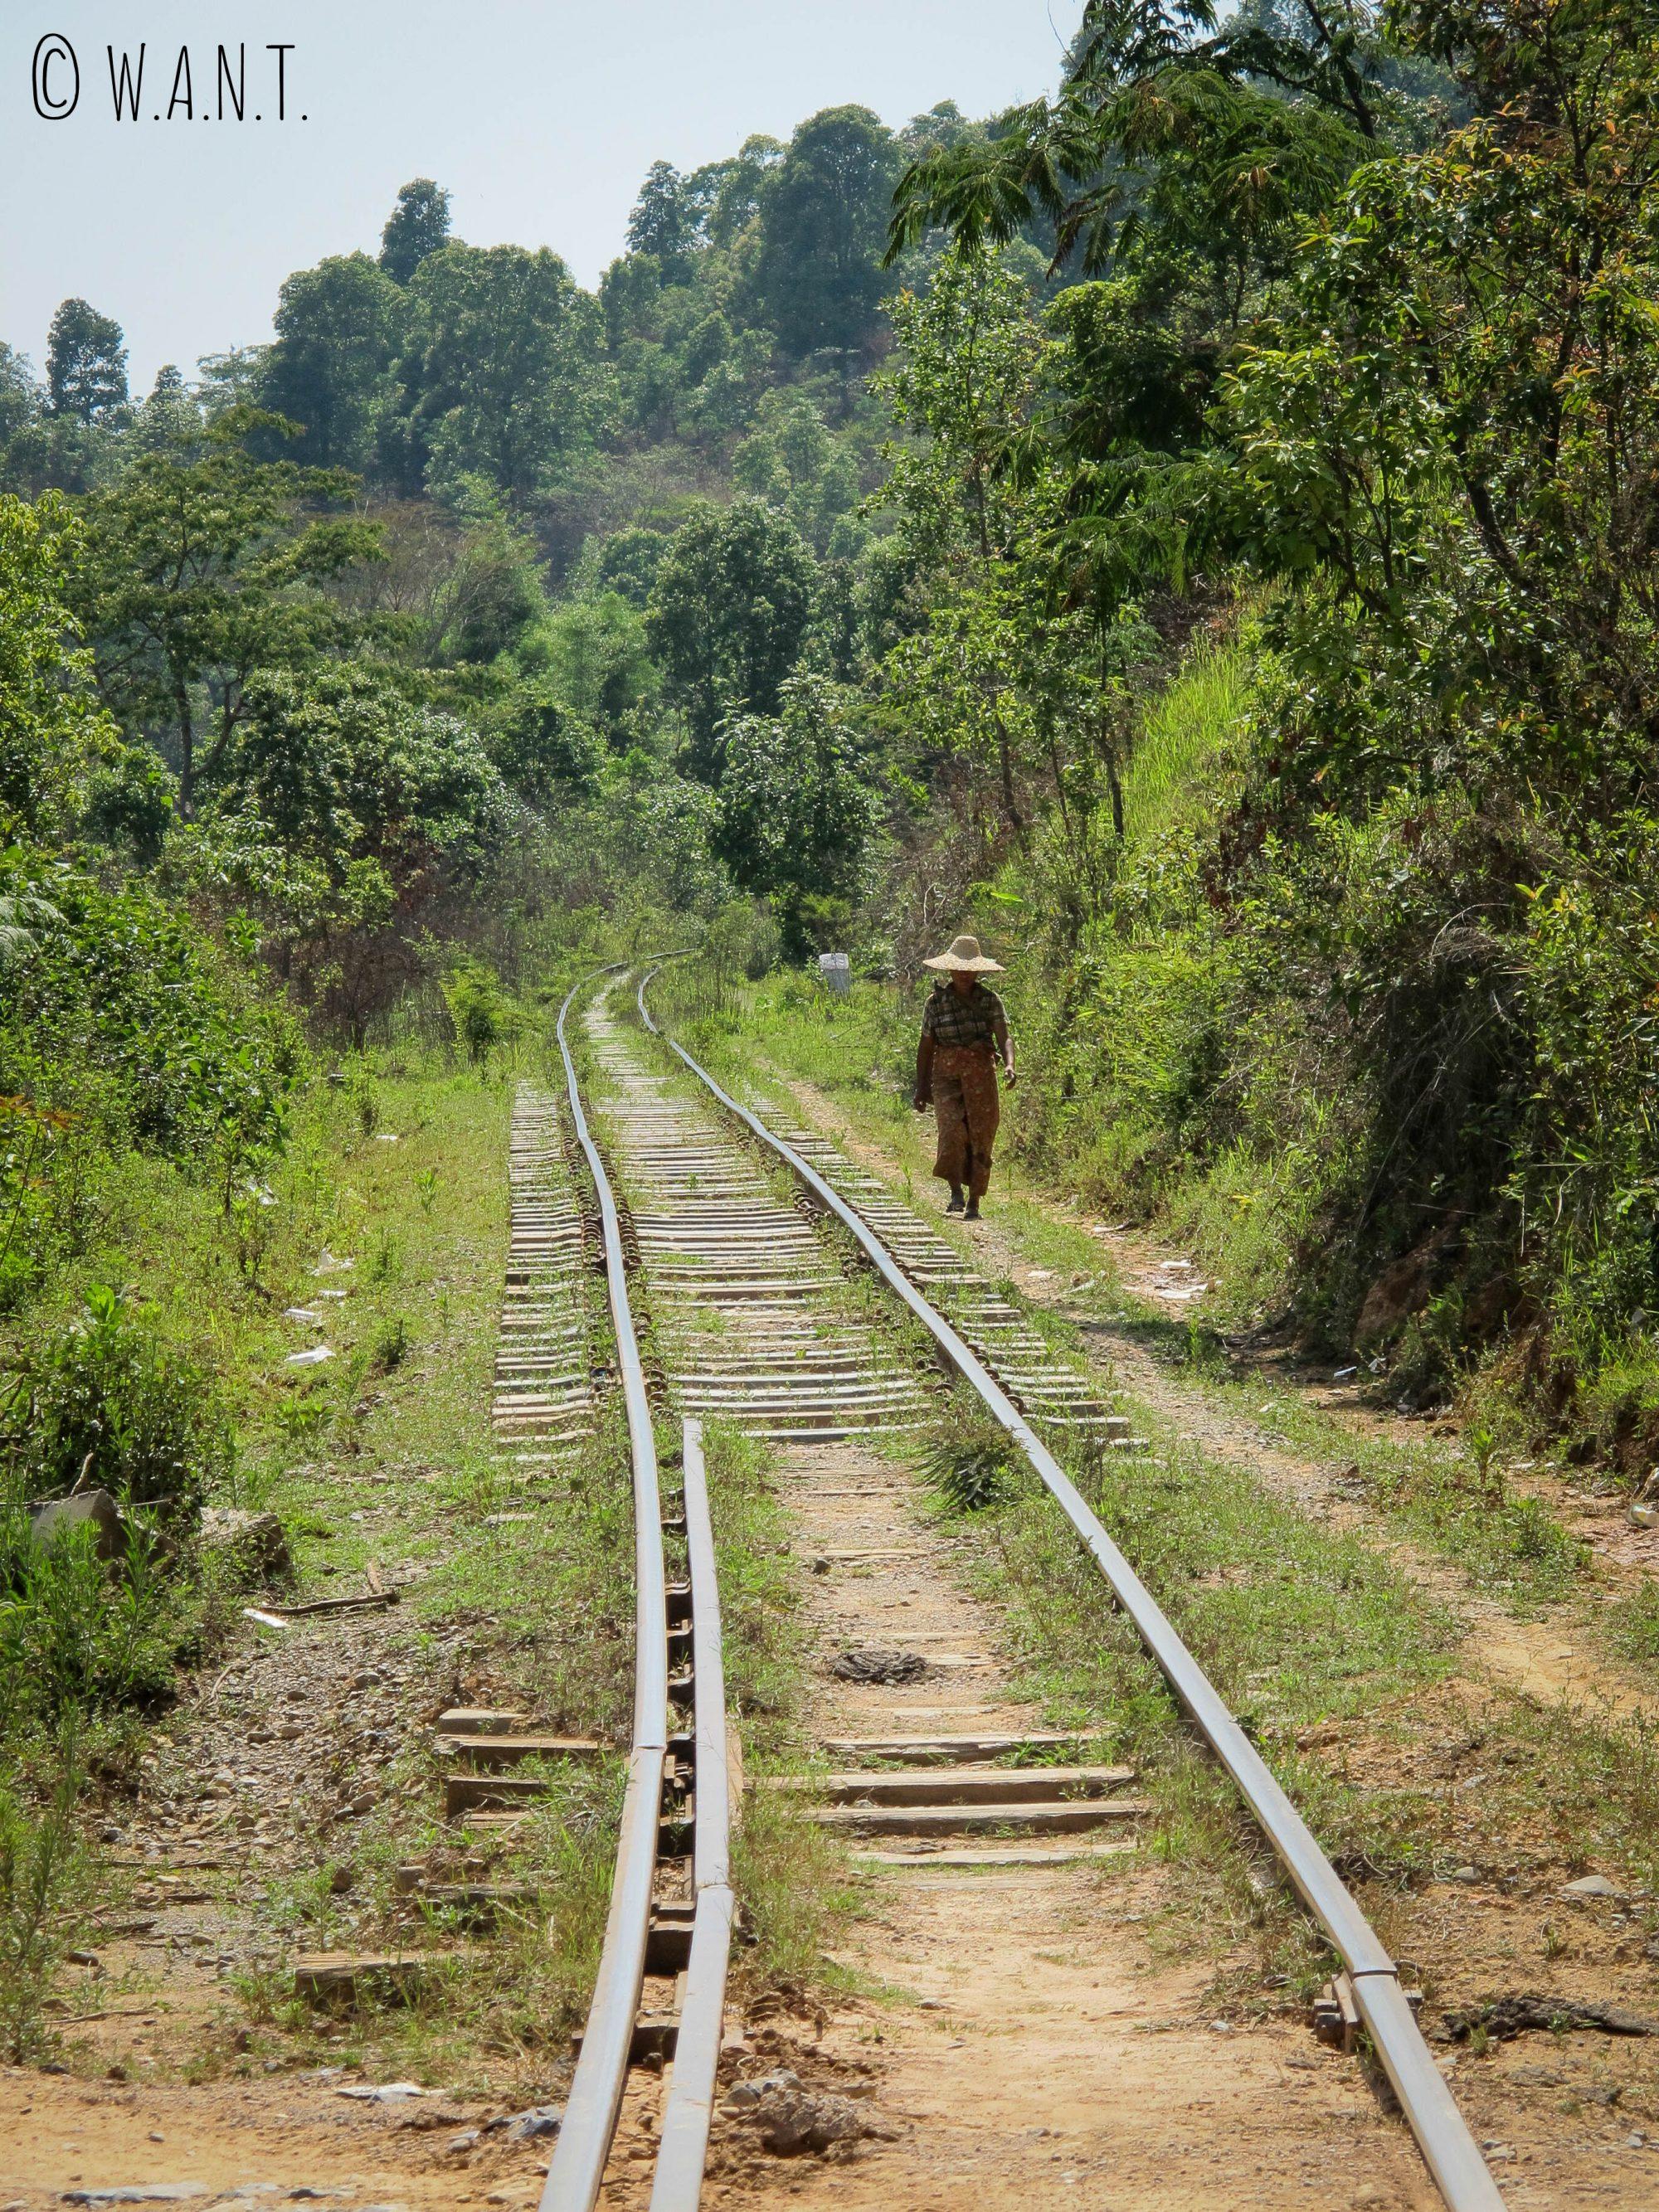 La voie ferrée est empruntée également à pieds